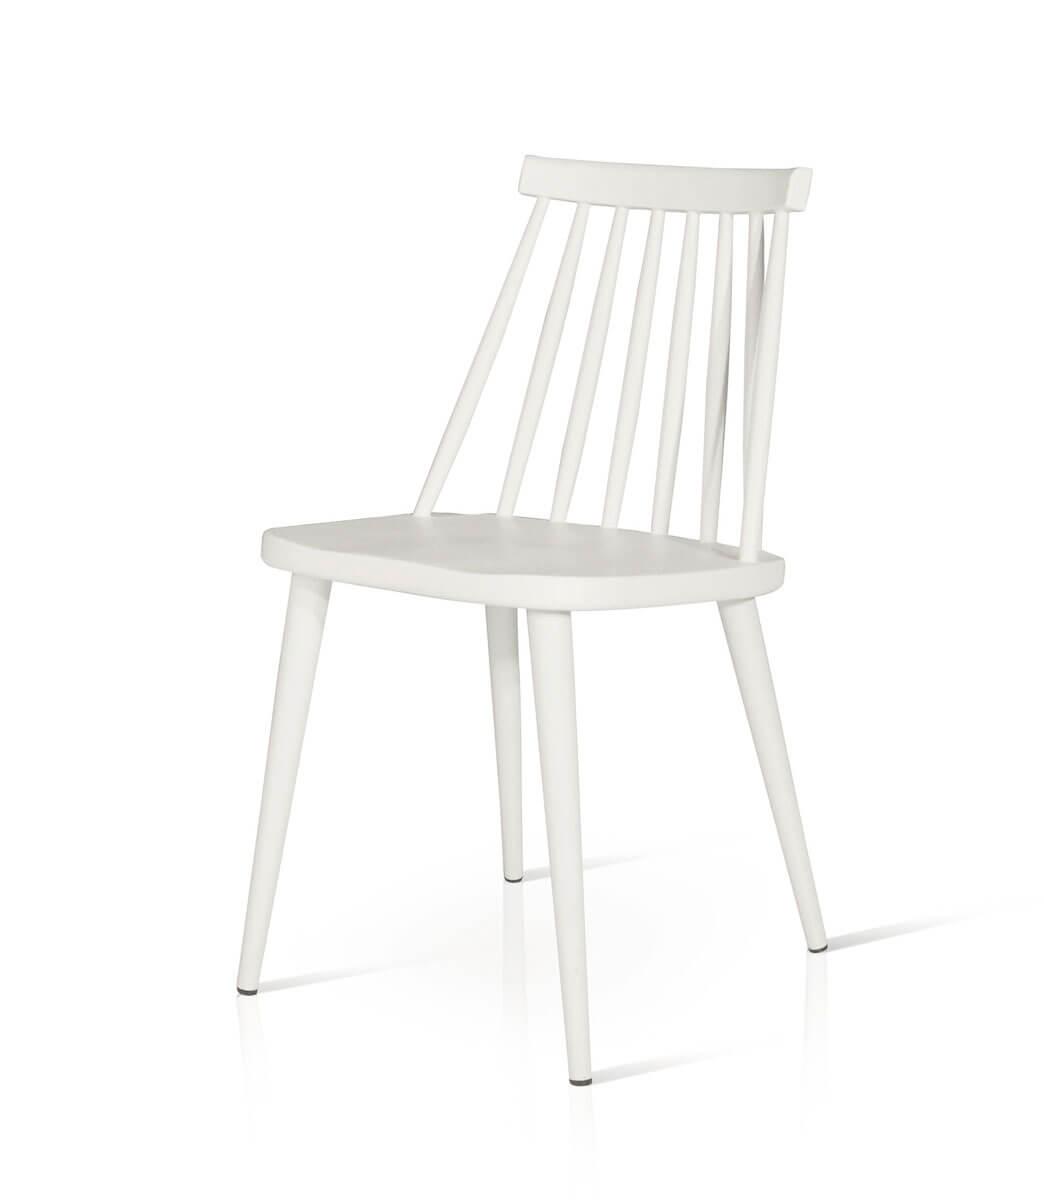 Sedie Moderne In Plastica.Sedie In Plastica Design Pvc E Metallo Bianche O Nere Offerta